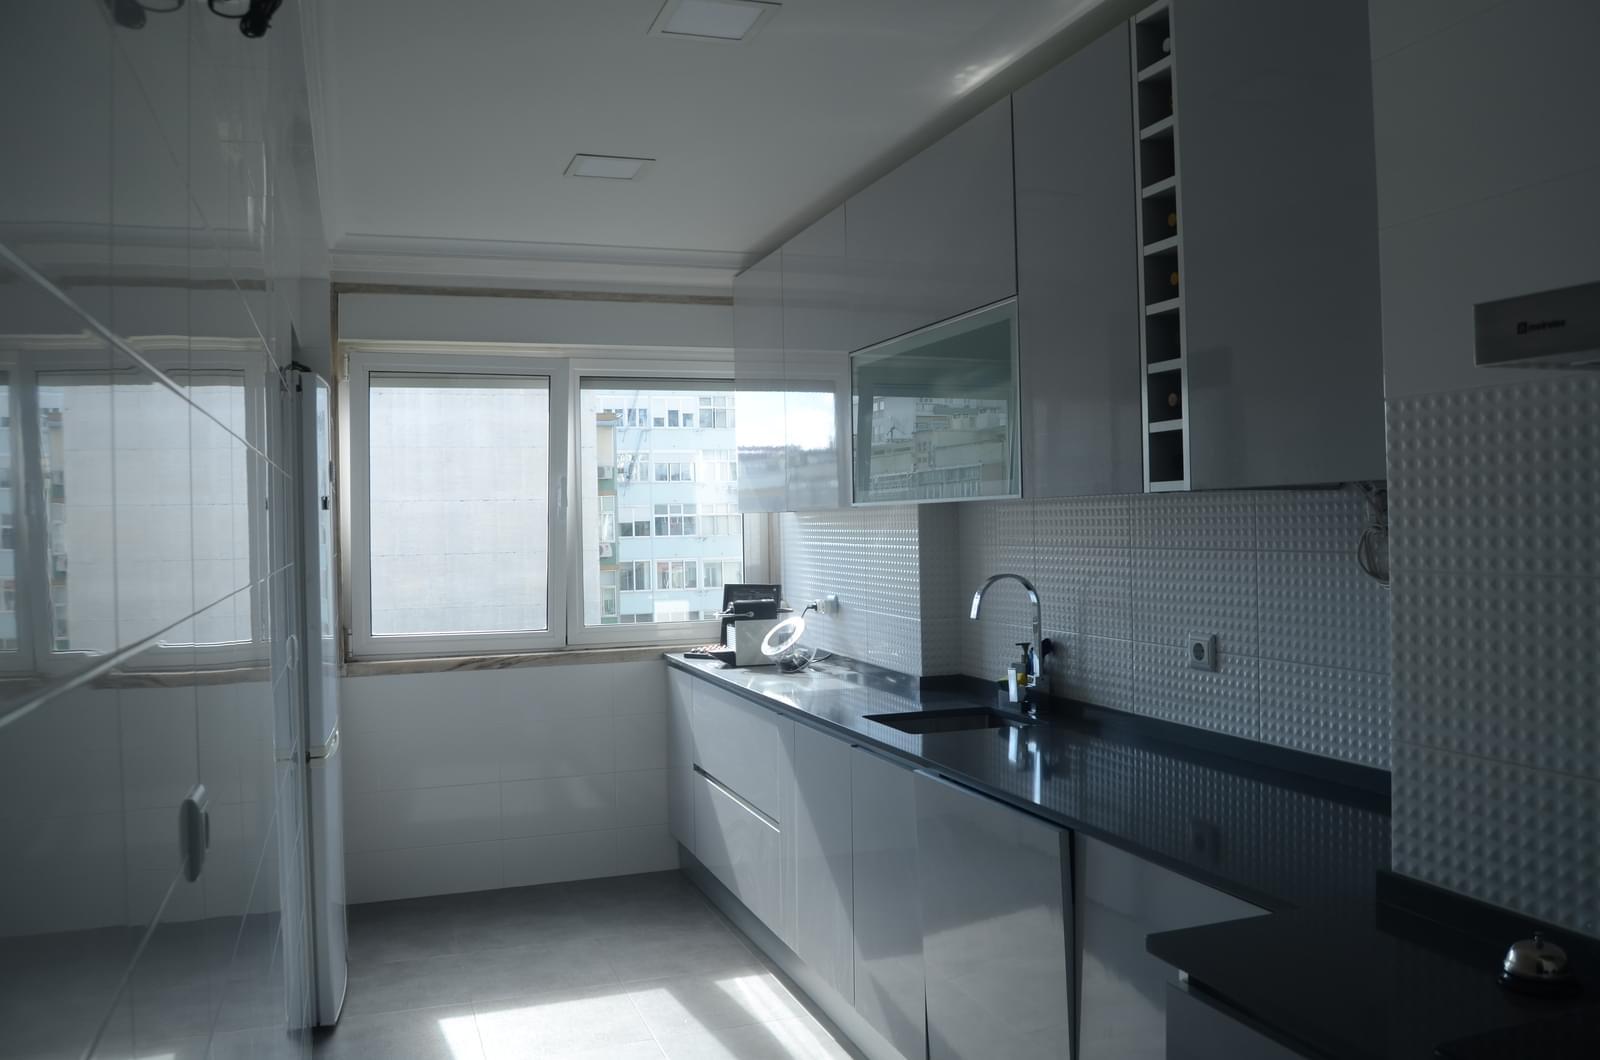 pf17340-apartamento-t3-lisboa-c7f91d76-86ce-4415-8af0-bca3918960c9